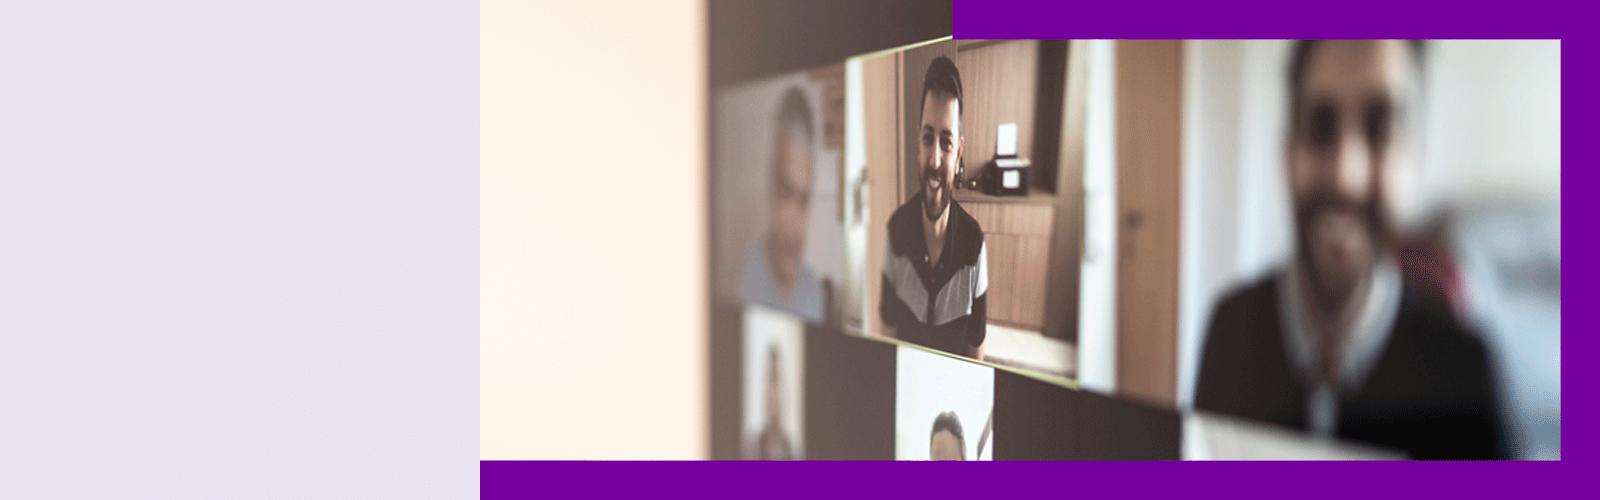 Texto Alternativo Imagem de uma videochamada com participantes em tela do computador